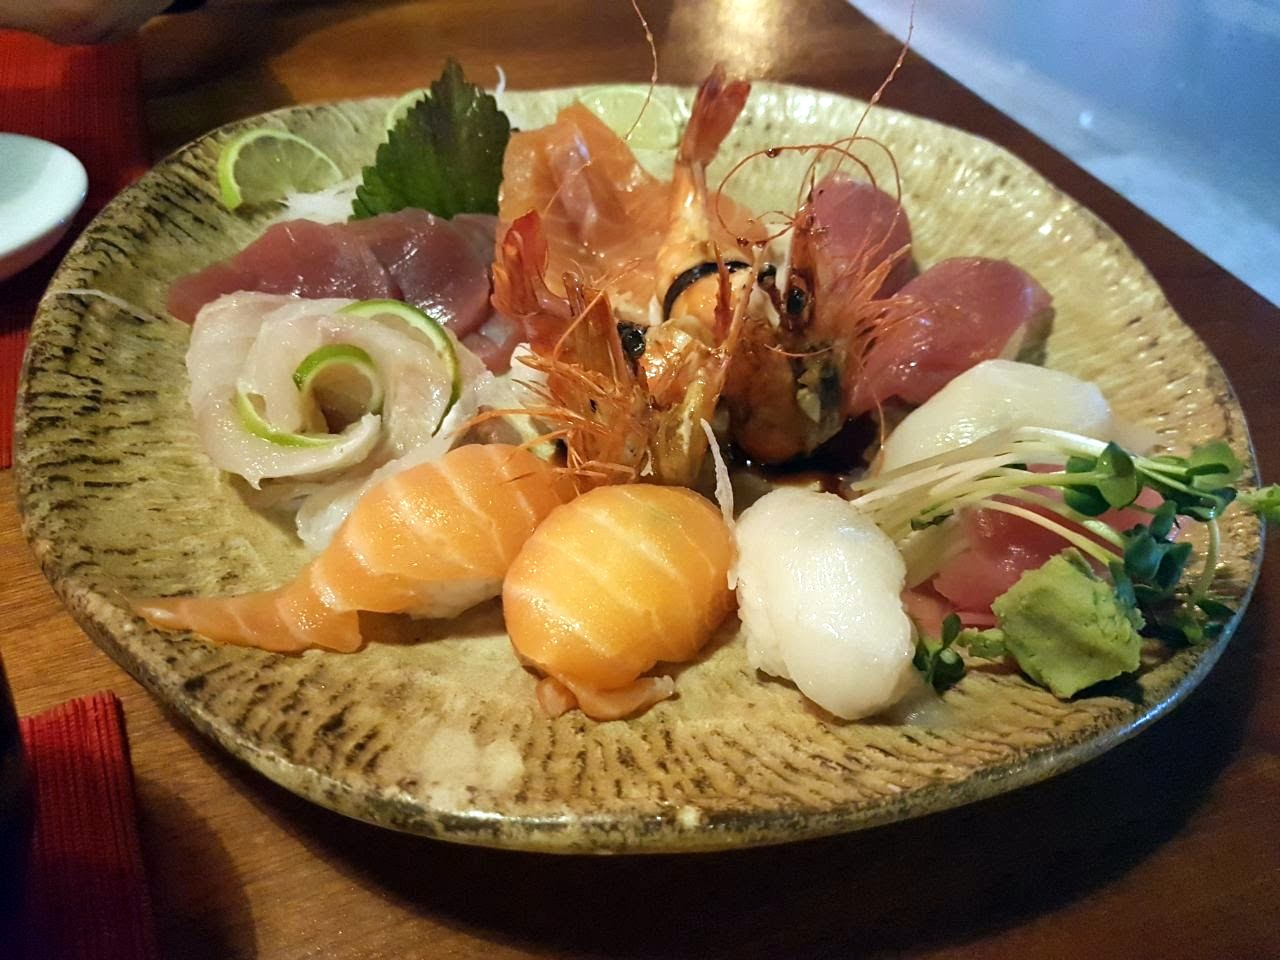 Сашими. Под сакэ. Странно, вкусно, очень необычно. Ресторан японской кухни тут один, в других местах привозят отсюда. Сервис и обслуживание просто на высоте. Лично мне показалось что обслуживали как будто гейши.